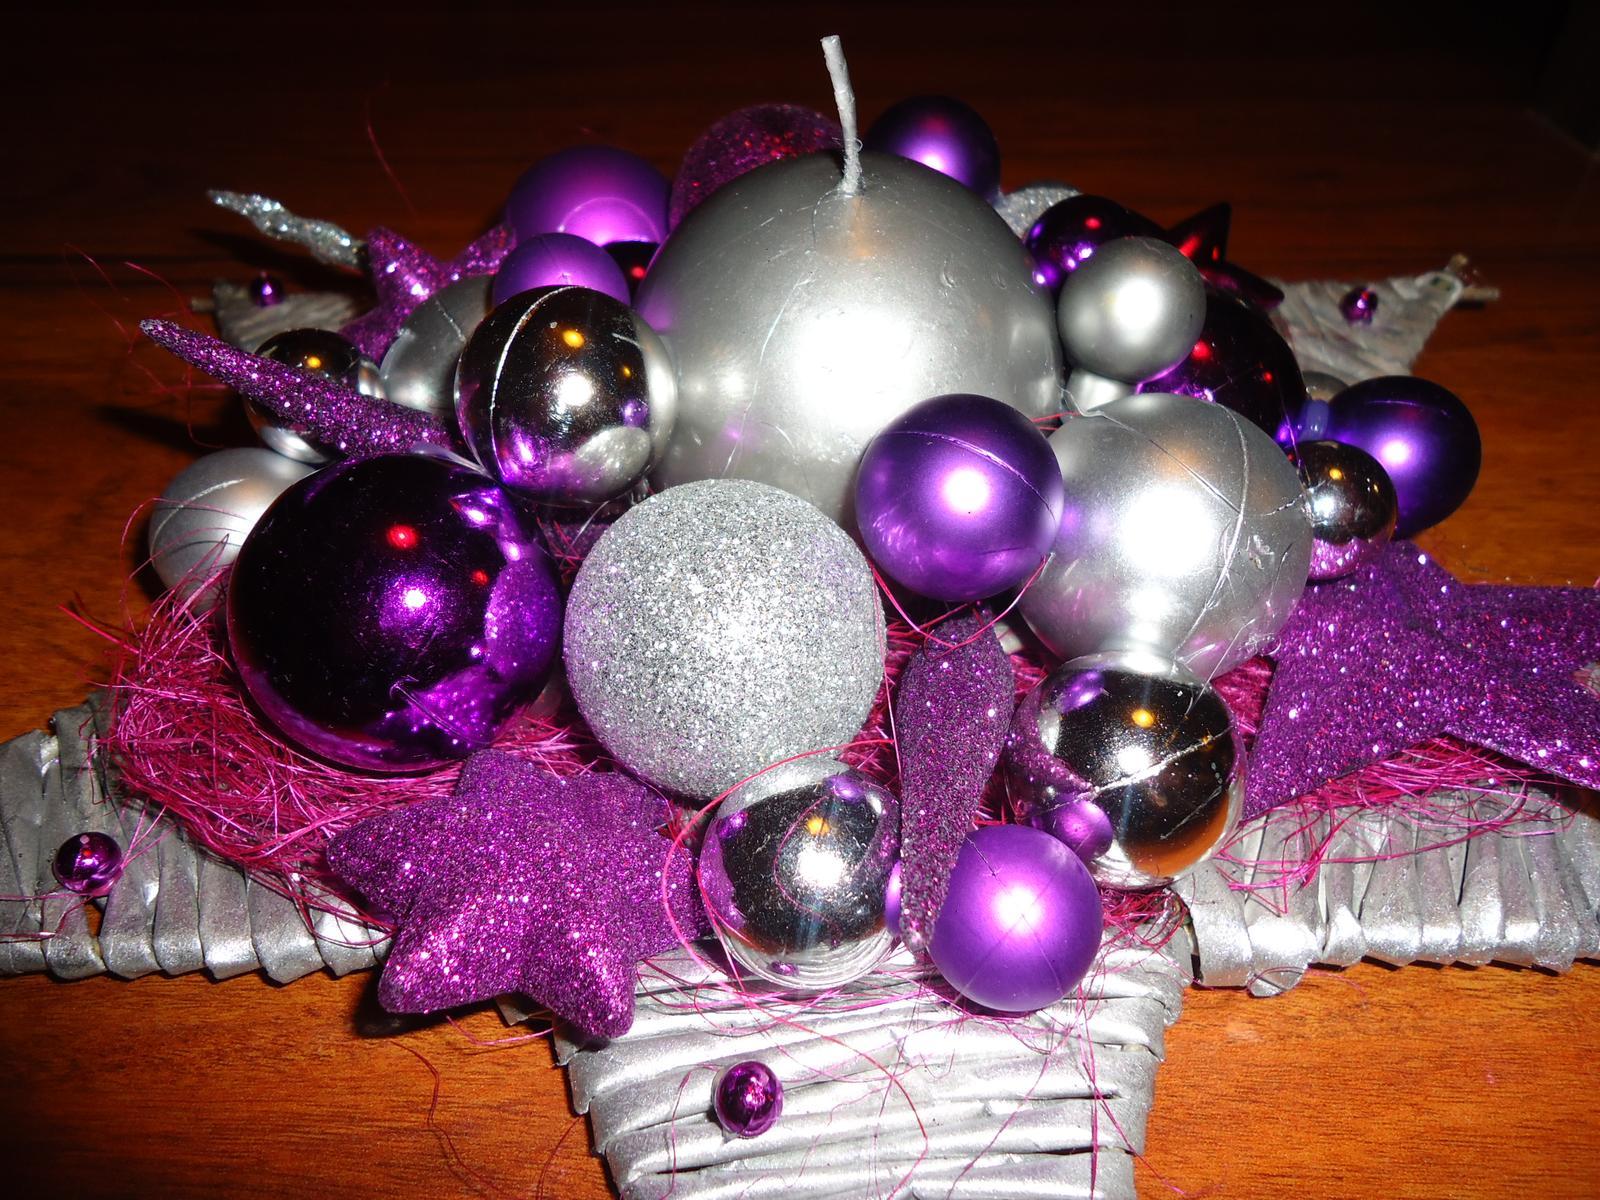 Vianočné pletenie z papiera - hviezda  - priemer 35 cm - strieborno-fialová